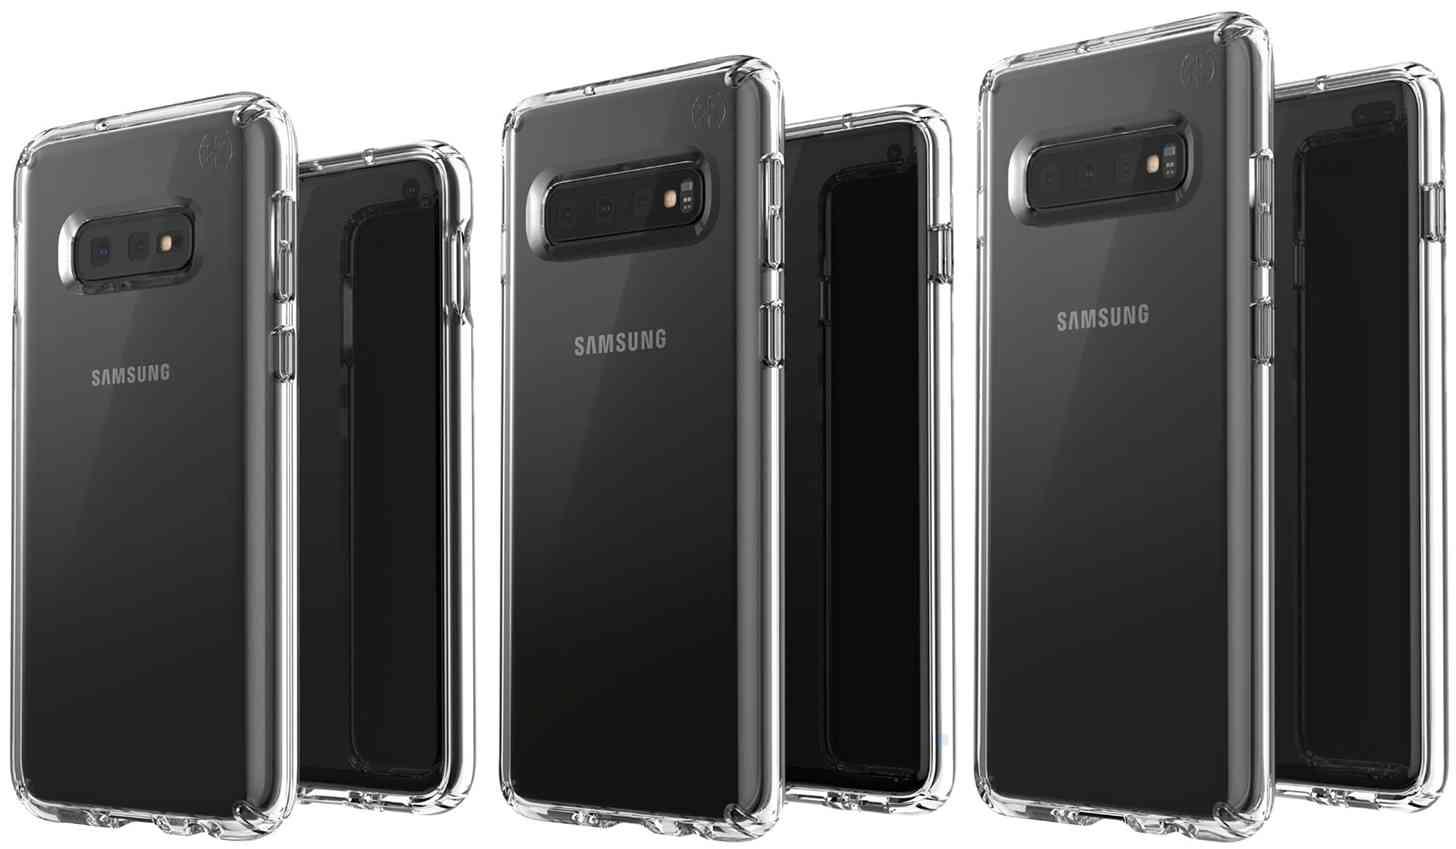 Samsung Galaxy S10E, S10, S10+